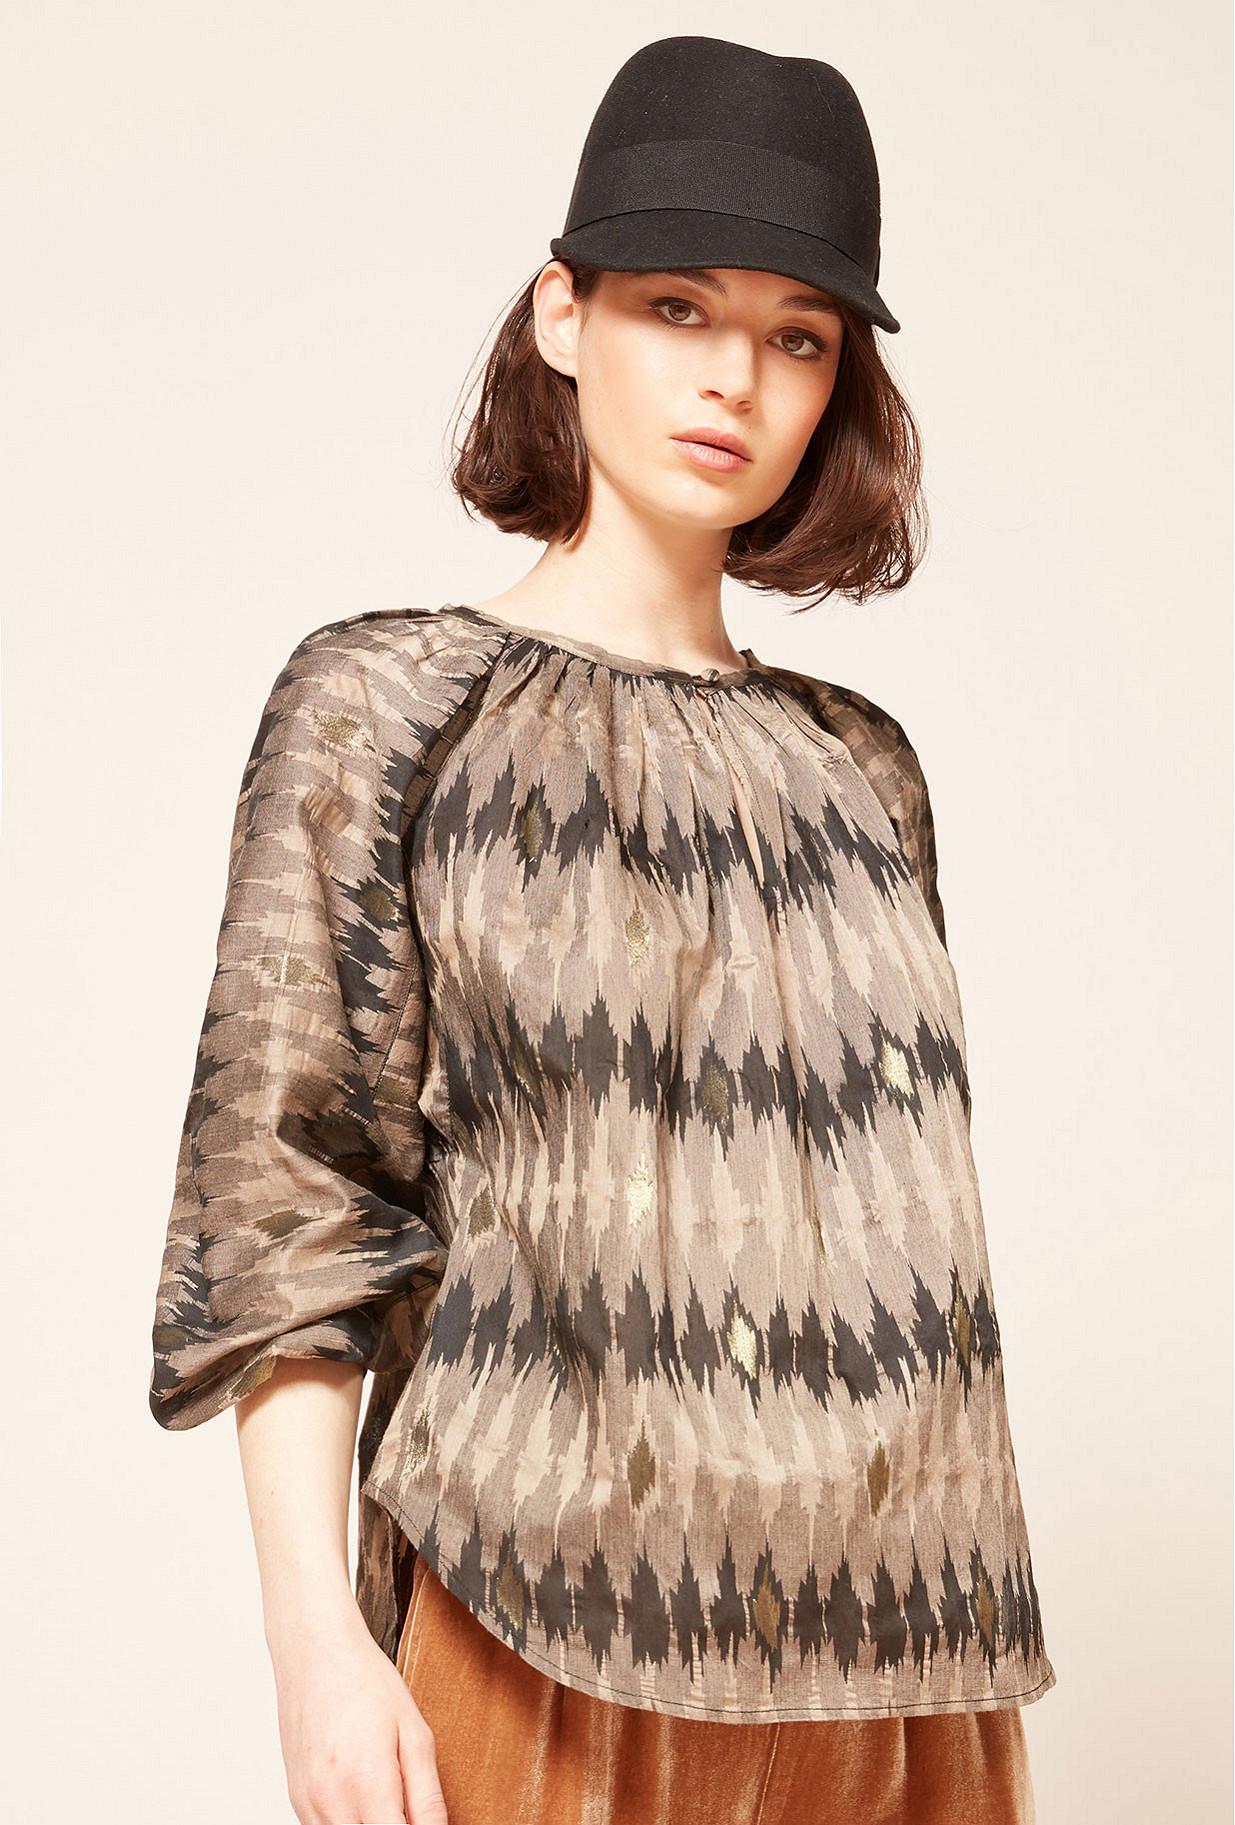 Paris clothes store Blouse  Jember french designer fashion Paris